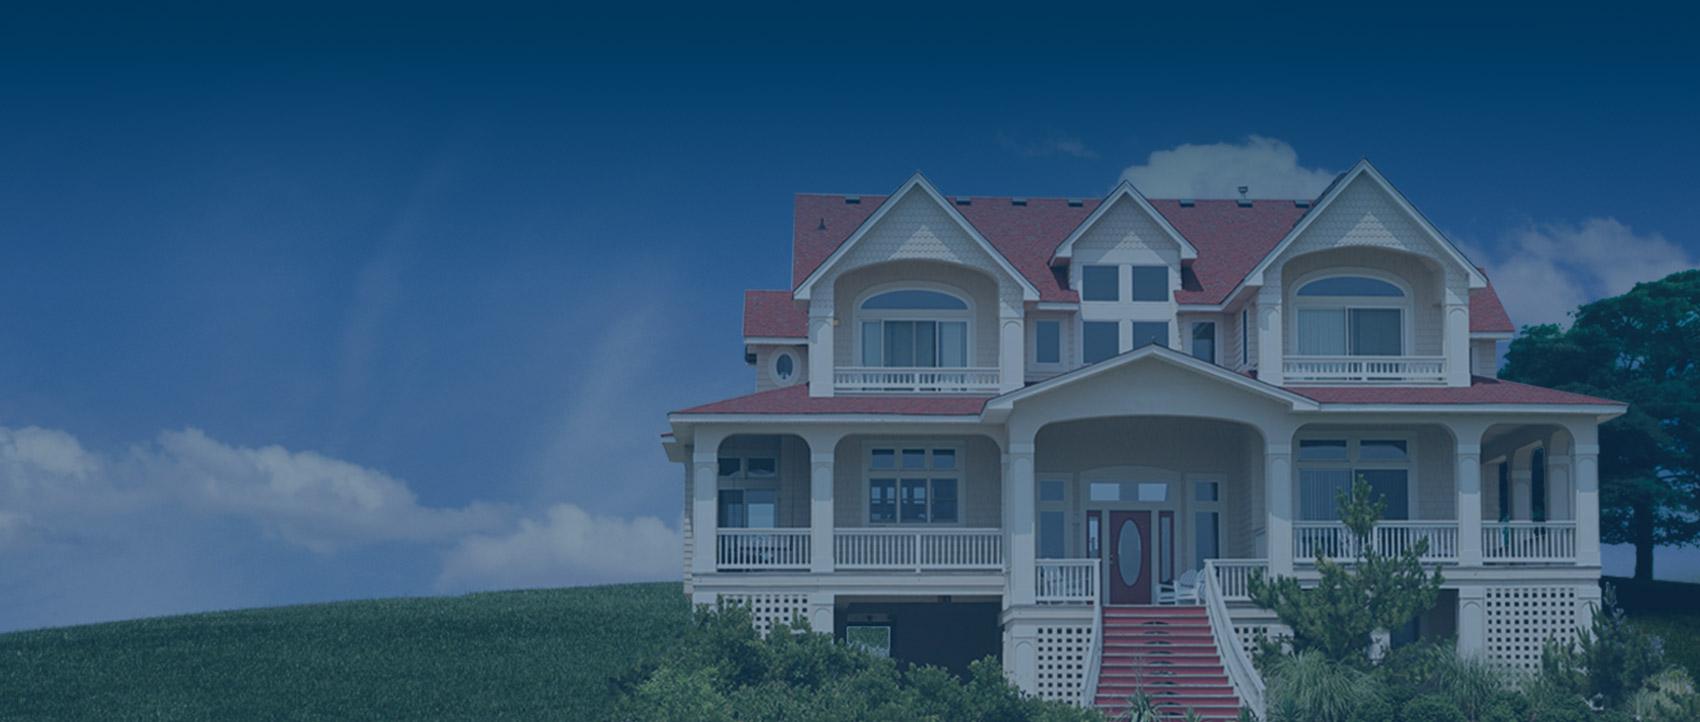 Albuquerque Home Inspection Checklist